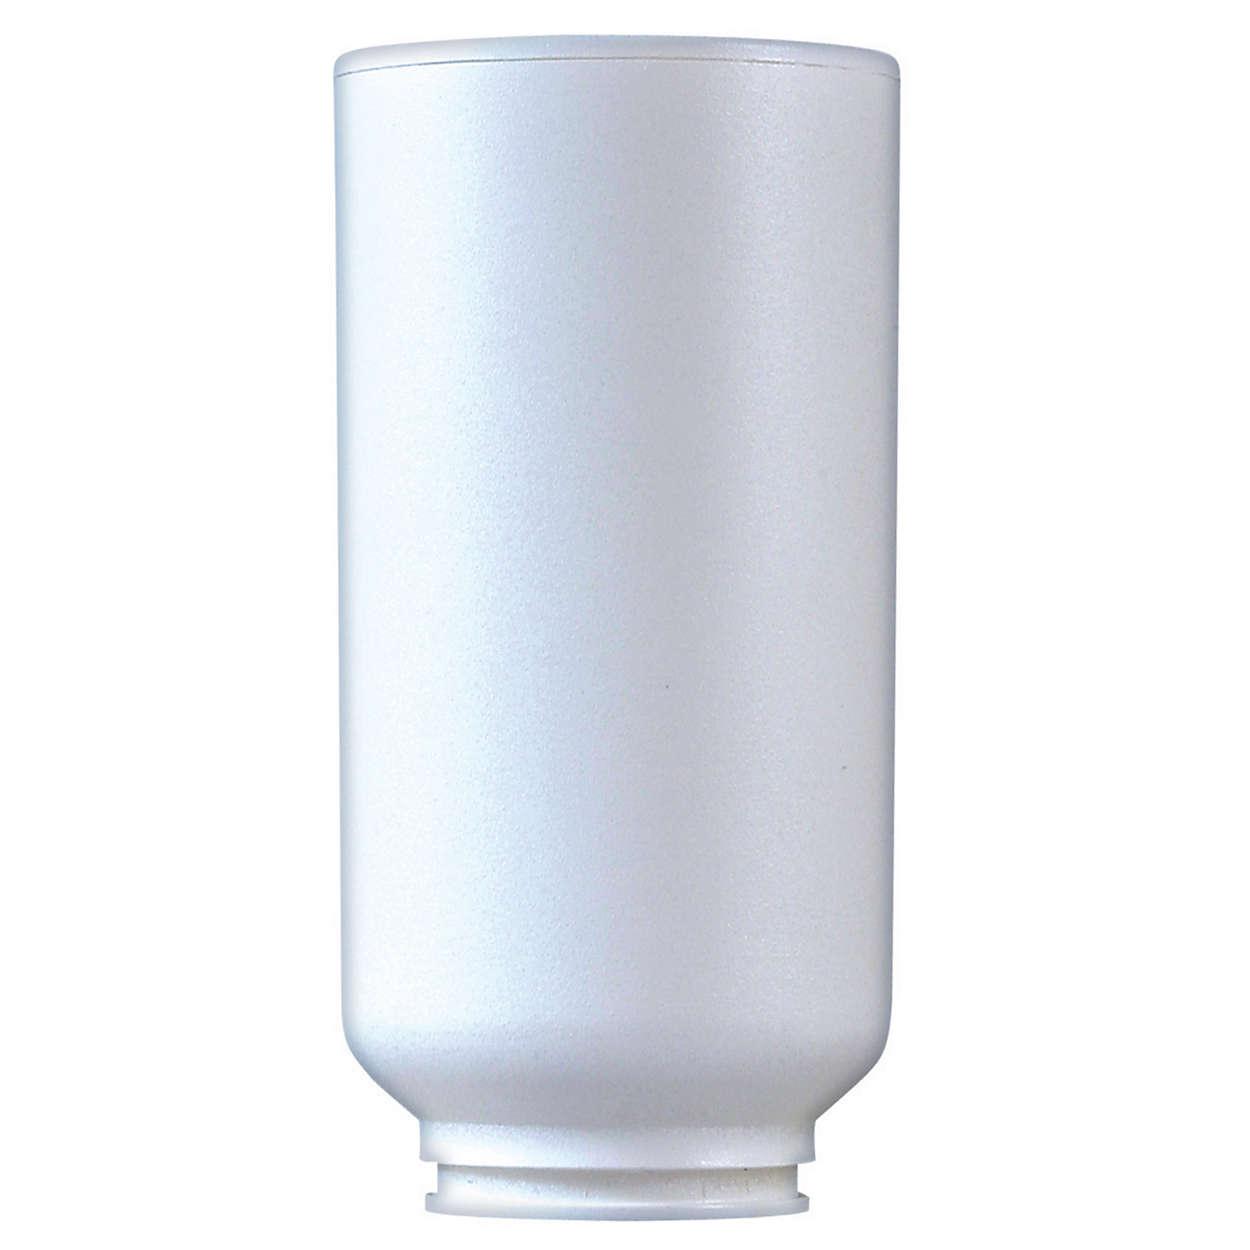 Agua con mejor sabor, rápido y fácil